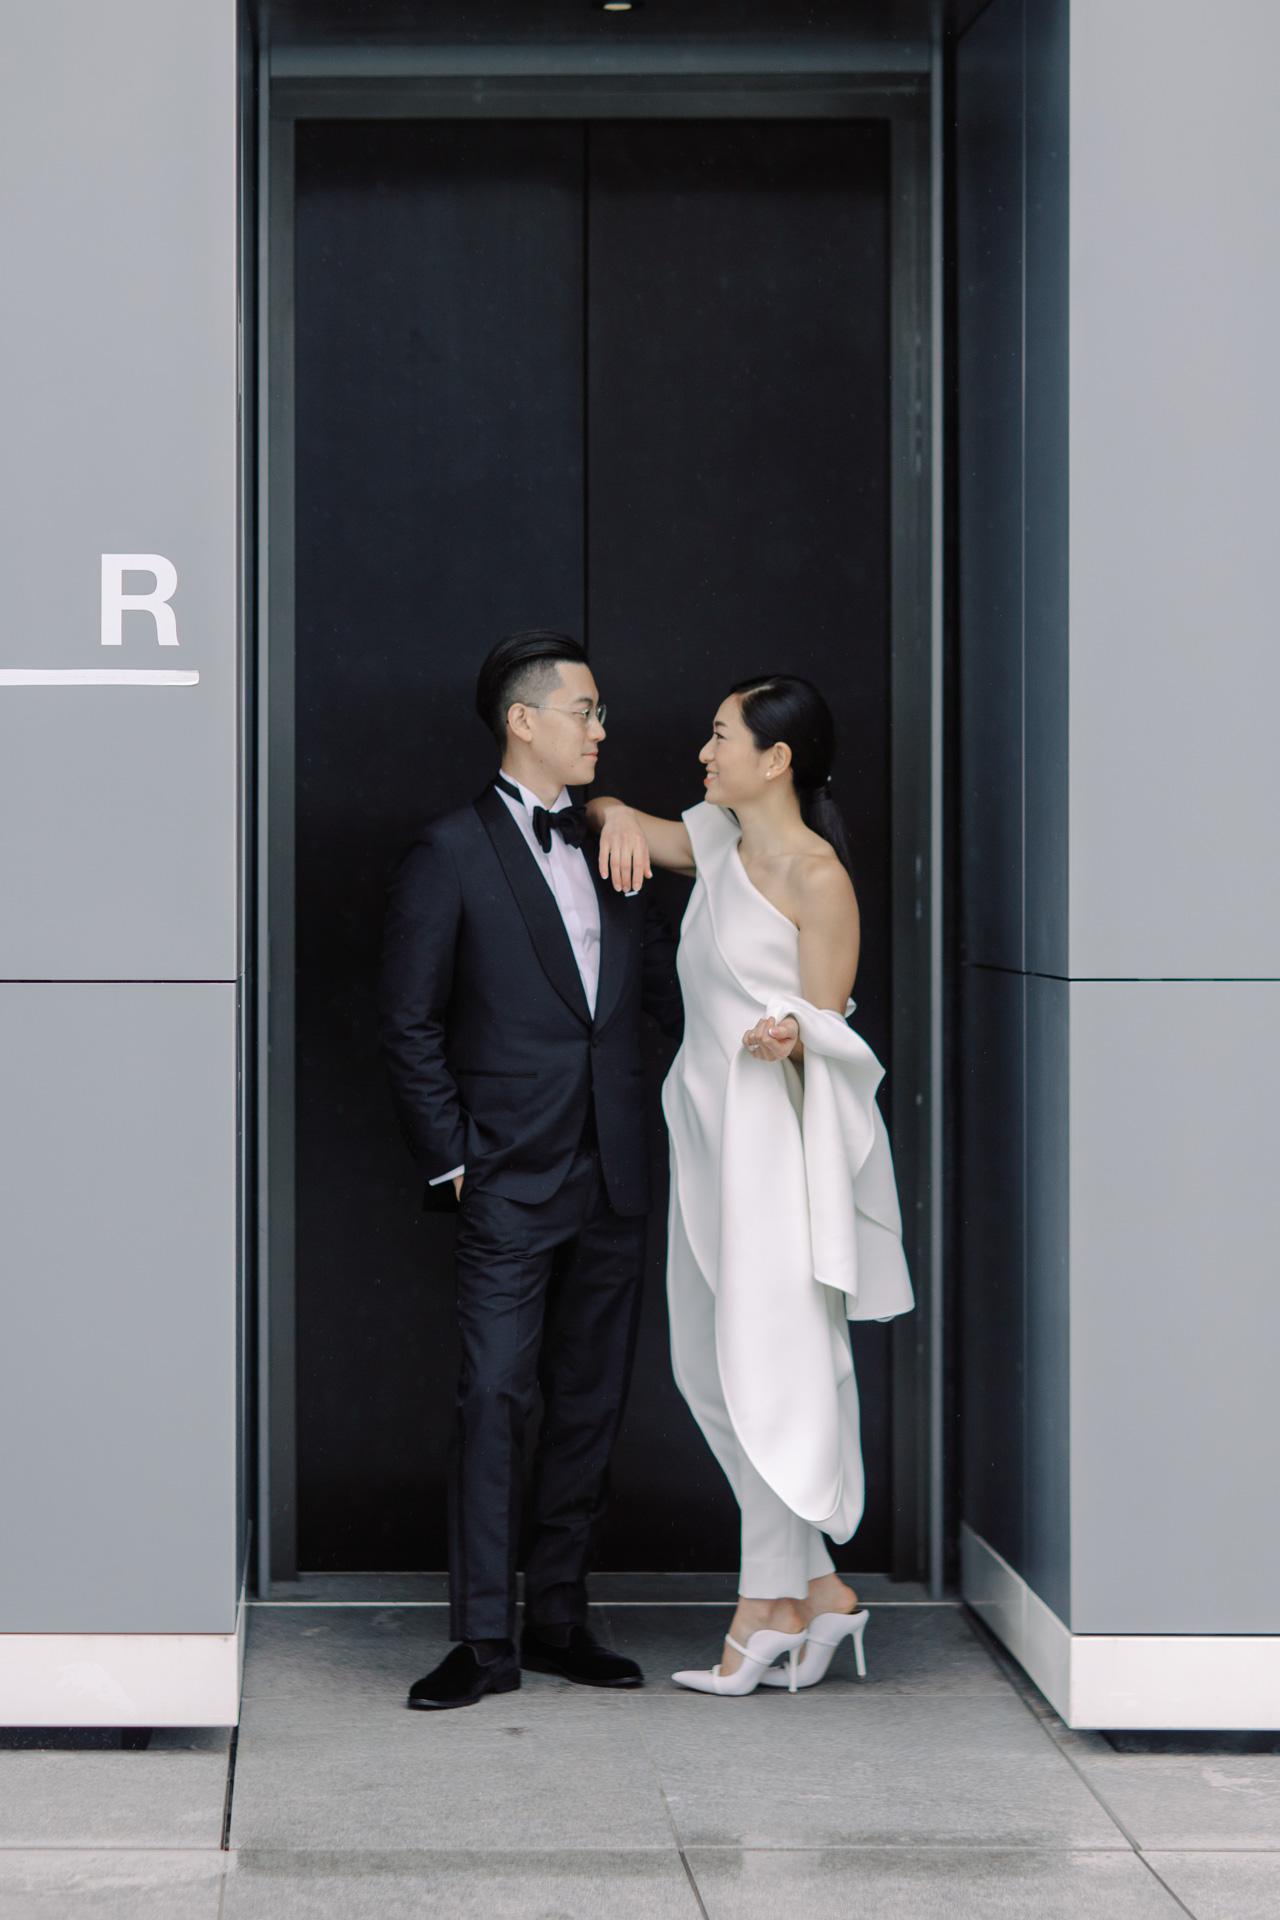 nikkiloveu-hongkong-wedding-day-hexa-ant-cat-lauhaus-008.jpg